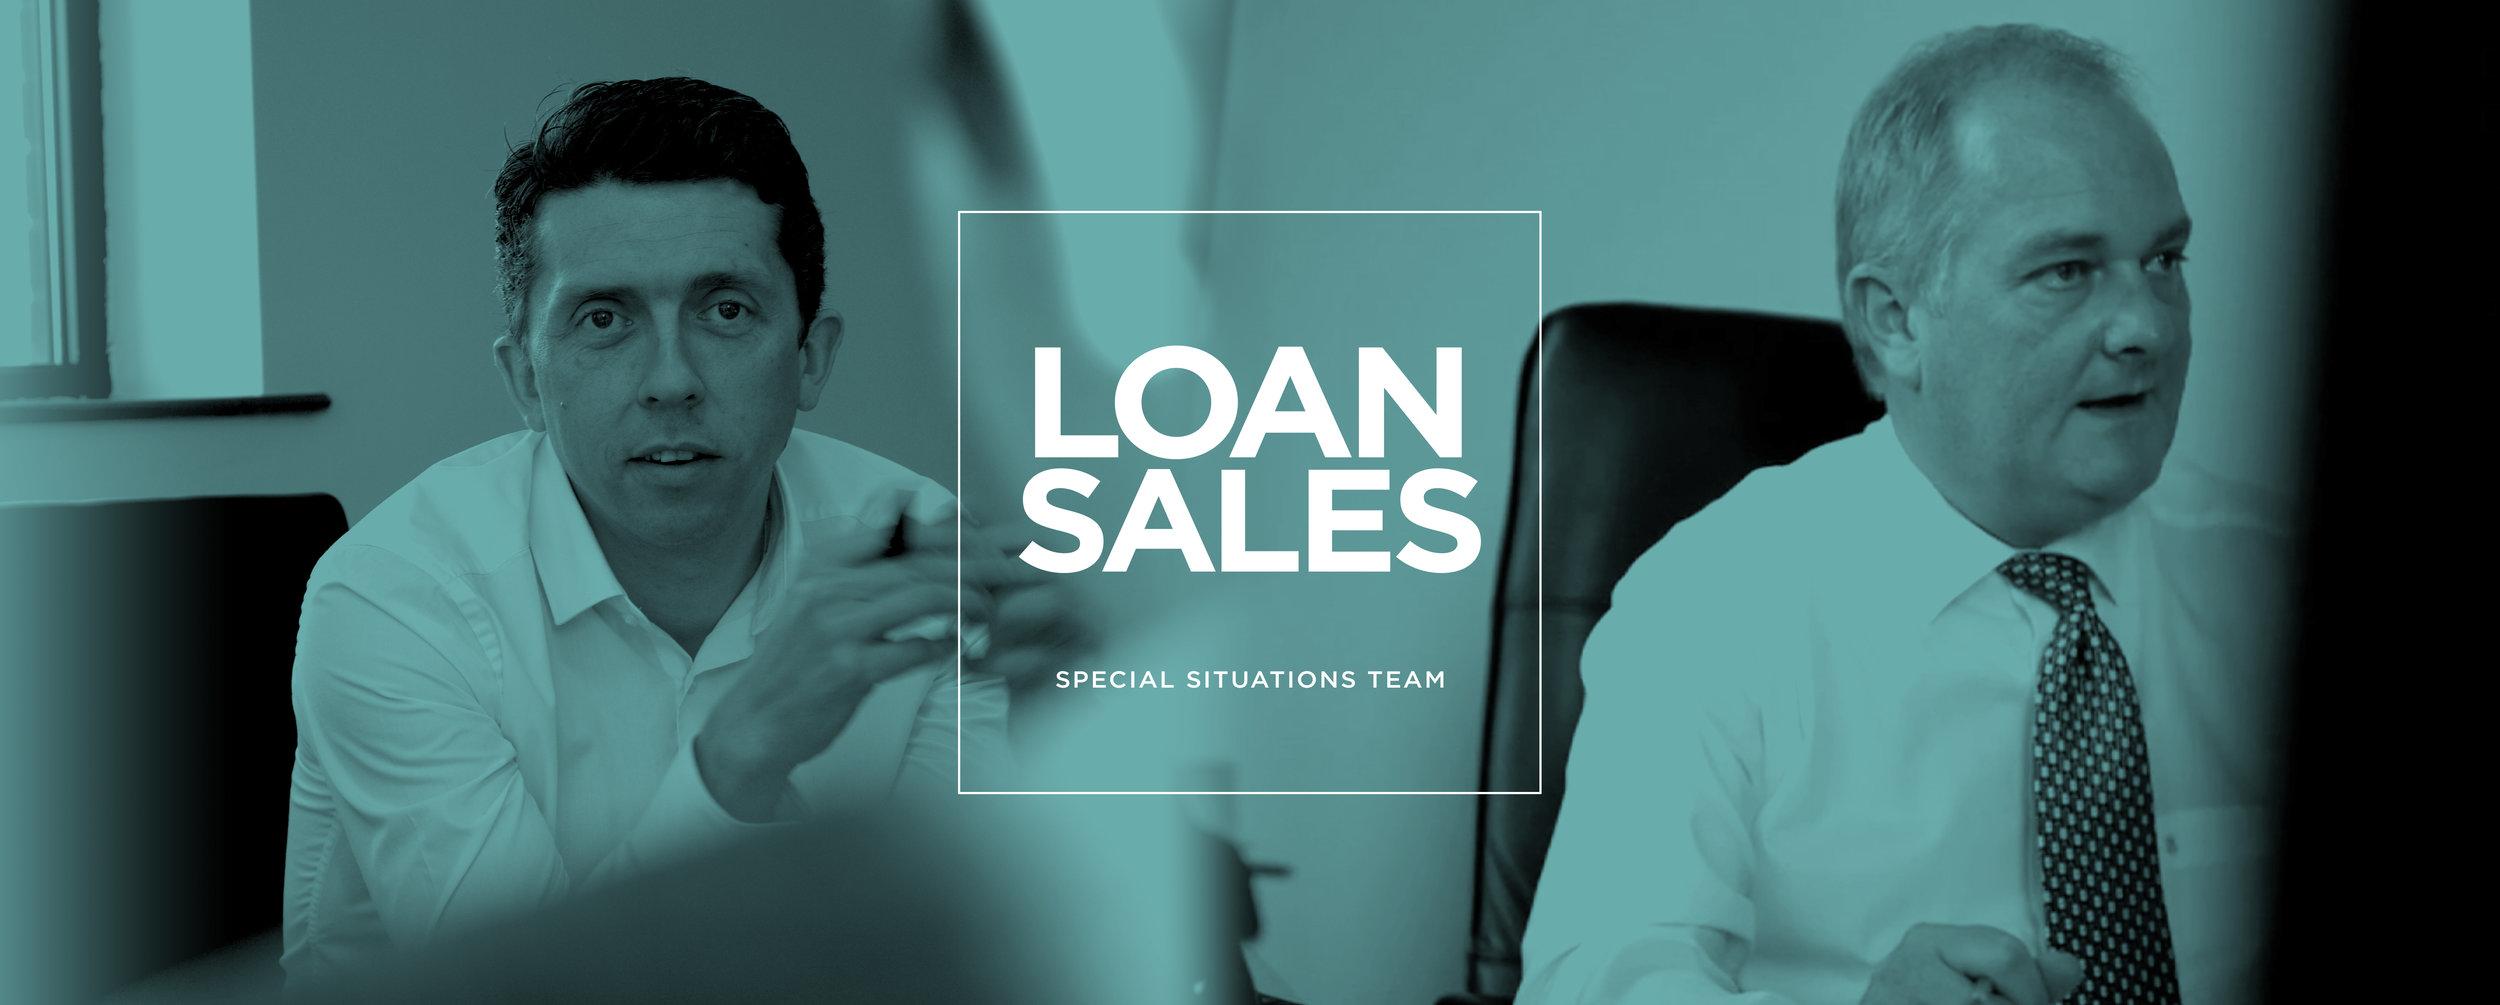 LOAN SALES IMAGE NEW 2.jpg